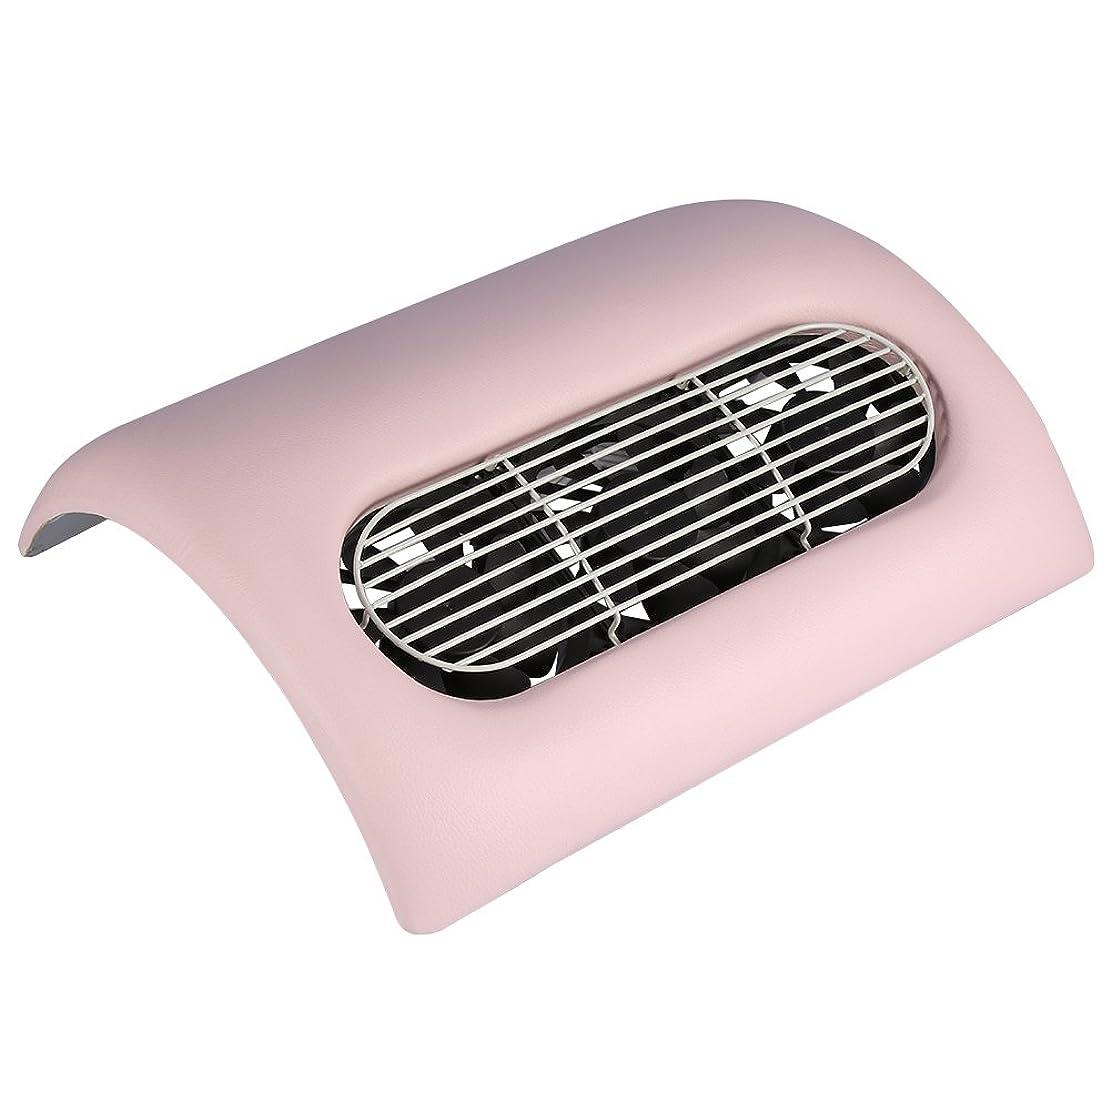 松控えめなシルクネイル集塵機 ネイルダストコレクター ネイルケア用 ネイルダスト ネイルダスト収納 3連ファン 強力 低騒音